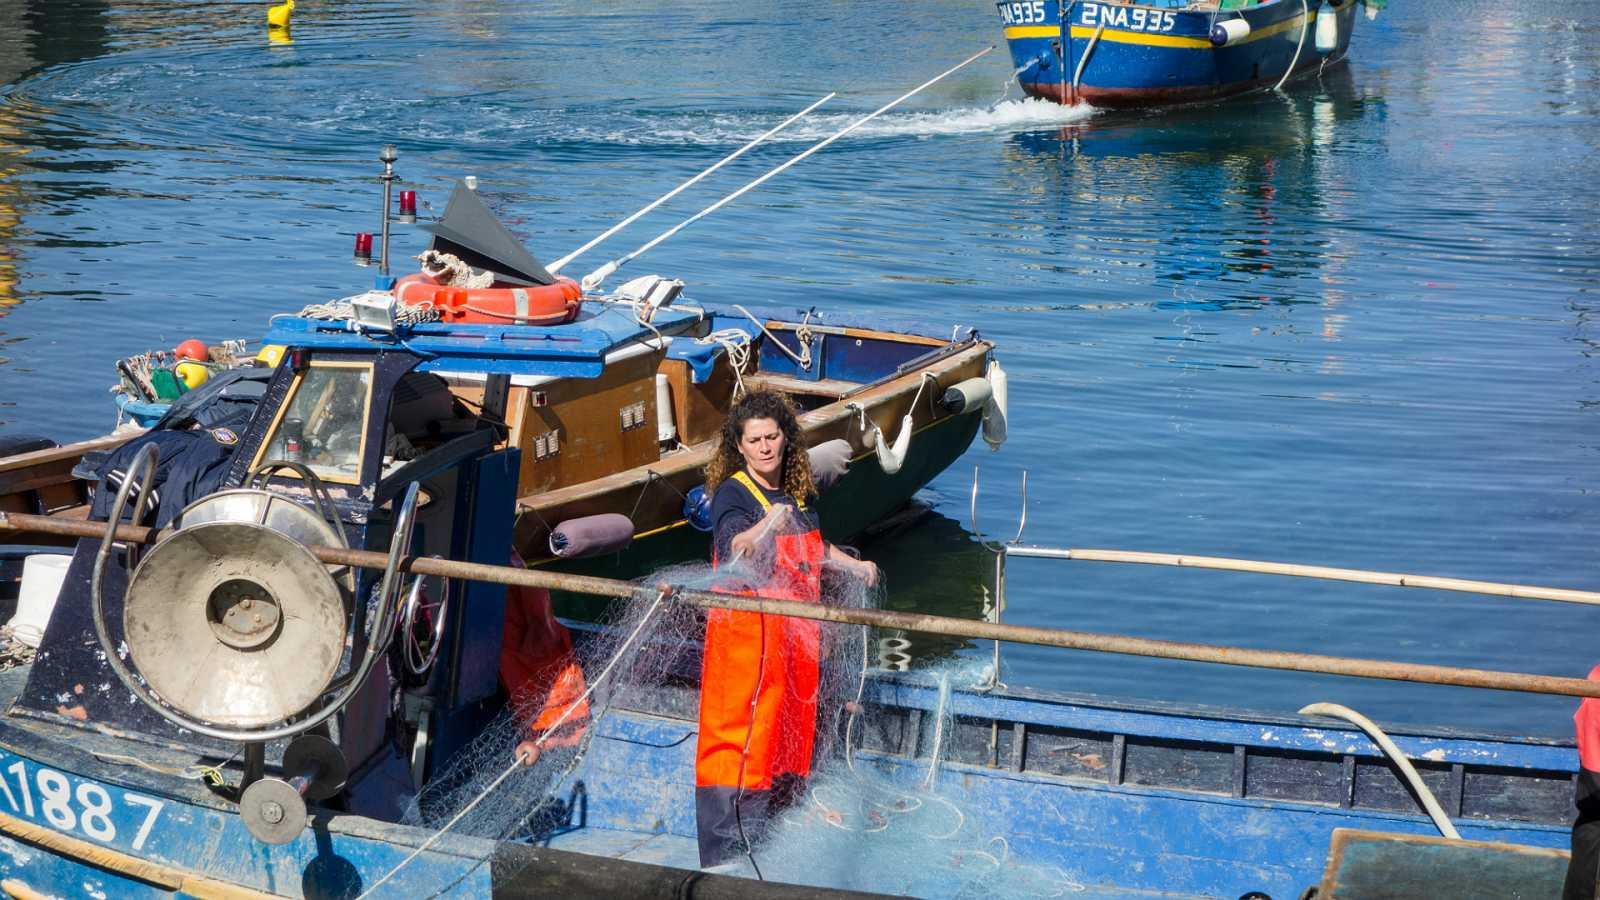 Españoles en la mar en Radio 5 - Los derechos de la mujer y la pesca en la UE - 06/03/20 - Escuchar ahora